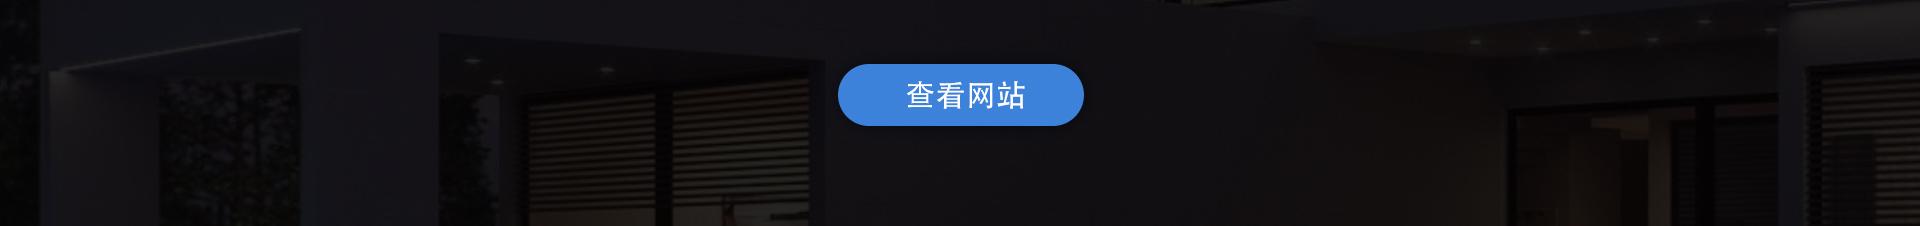 宁波昊博-柯娜-柯娜-易讯中创_02